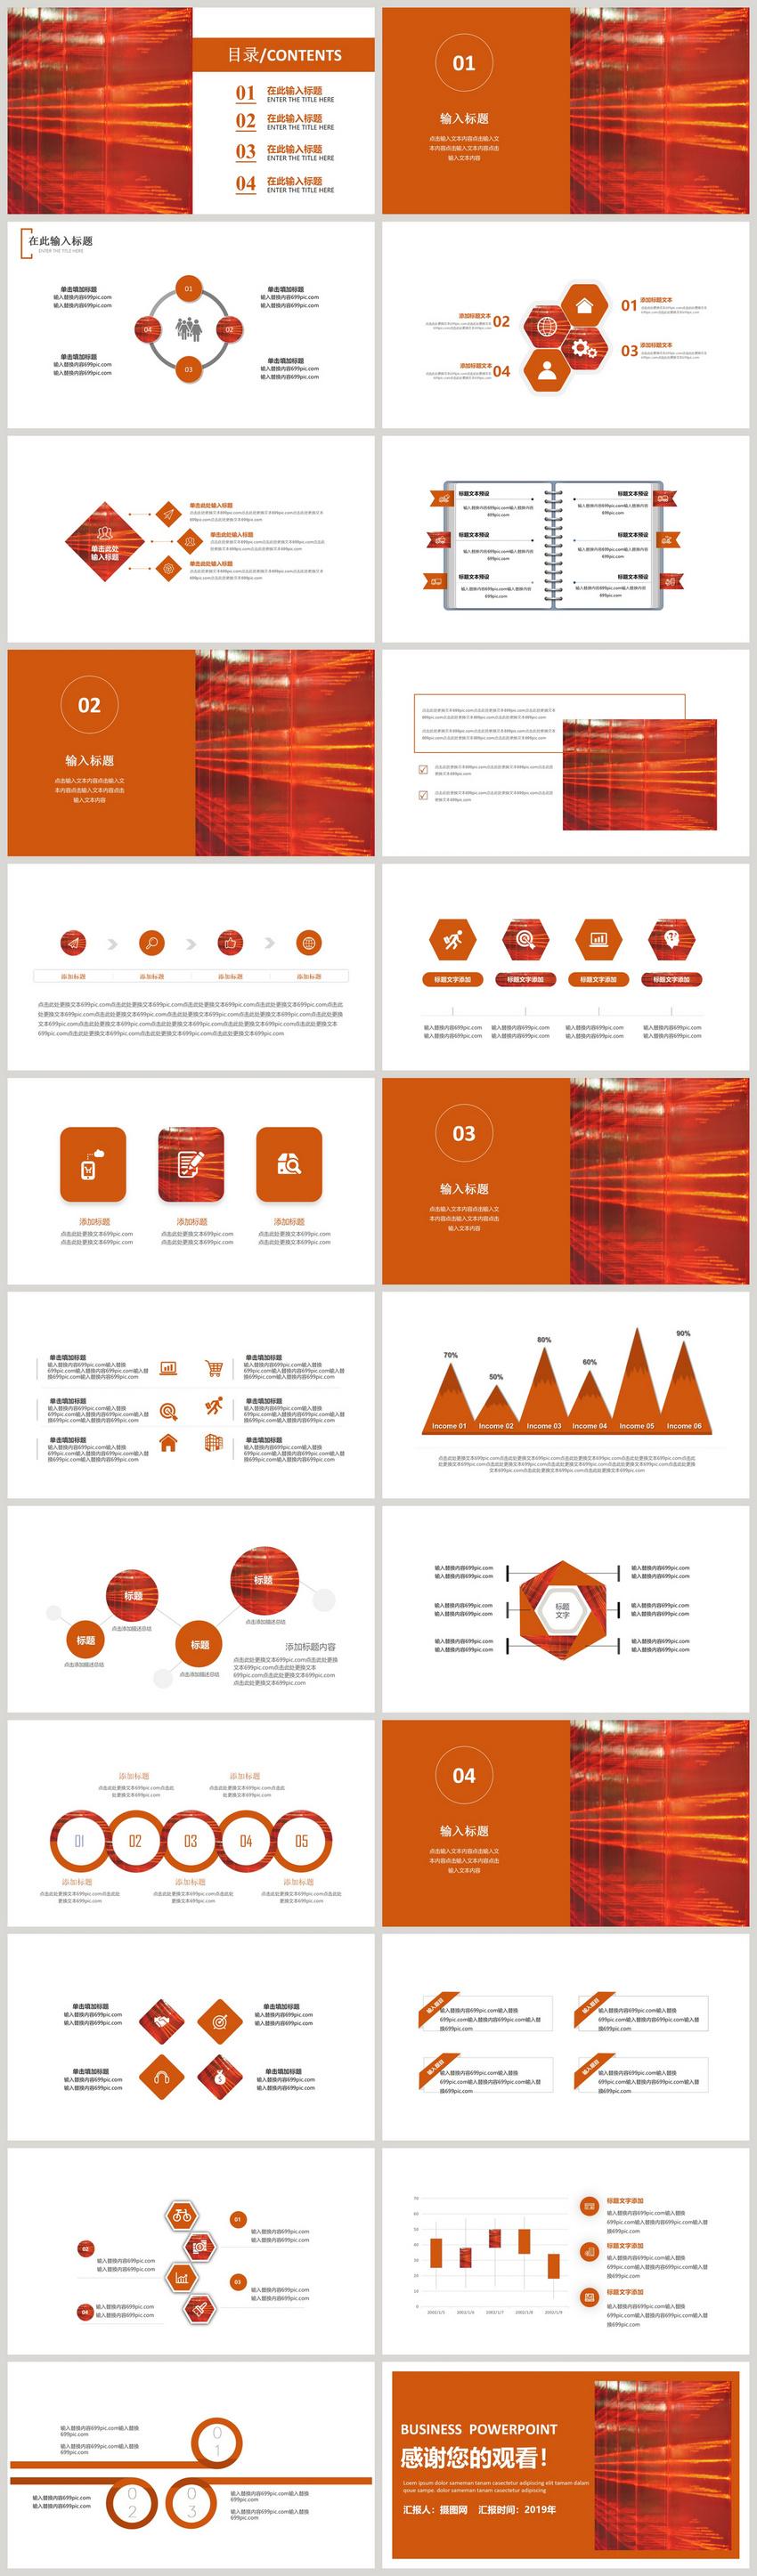 时尚橘色企业团队建设PPT模板图片